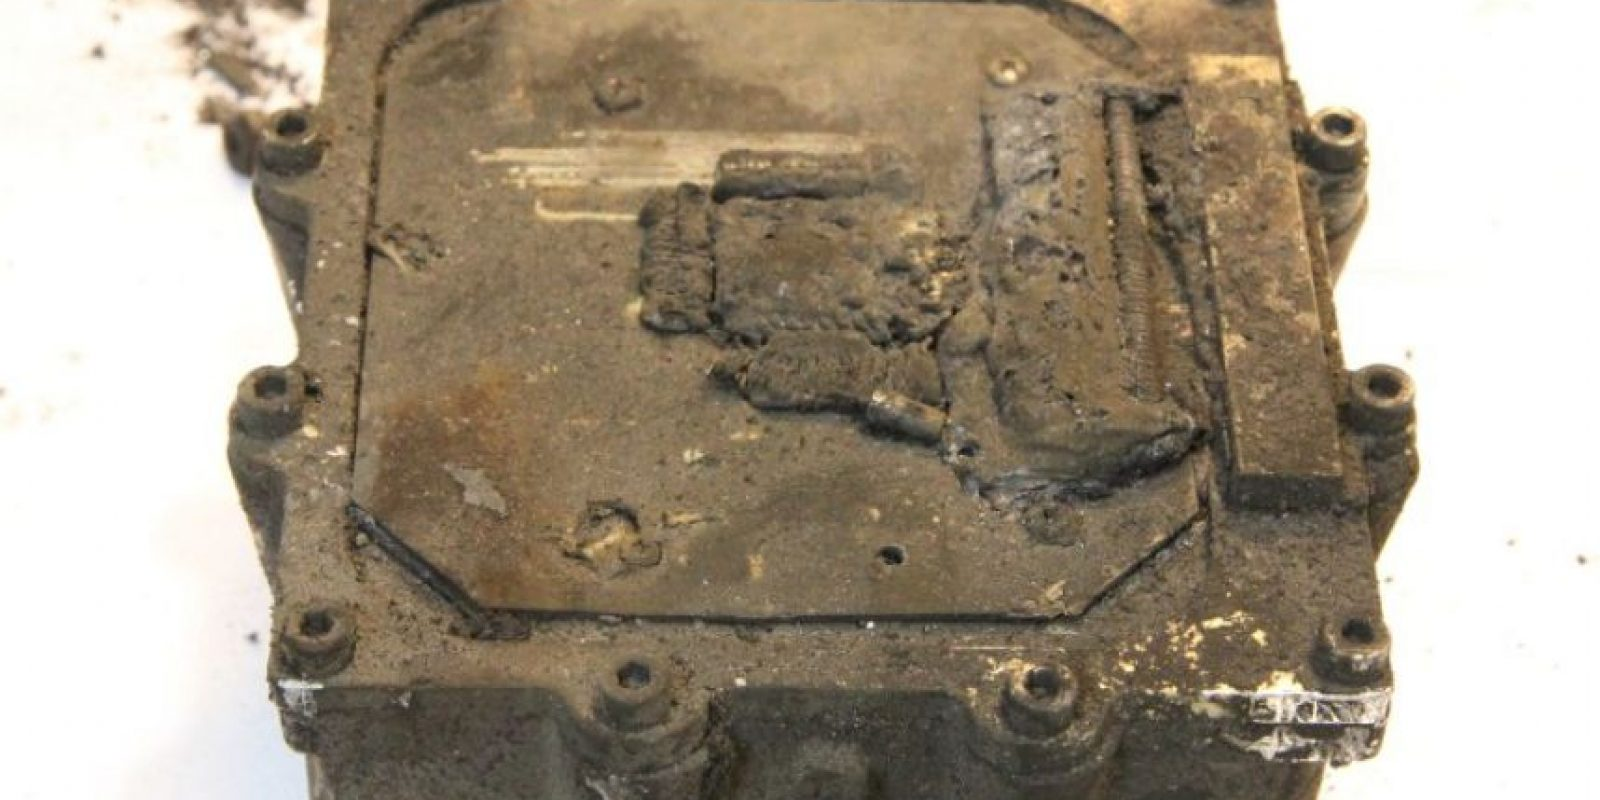 La semana pasada se encontró la segunda caja negra, la cual será utilizada para avanzar en las investigaciones Foto:AFP